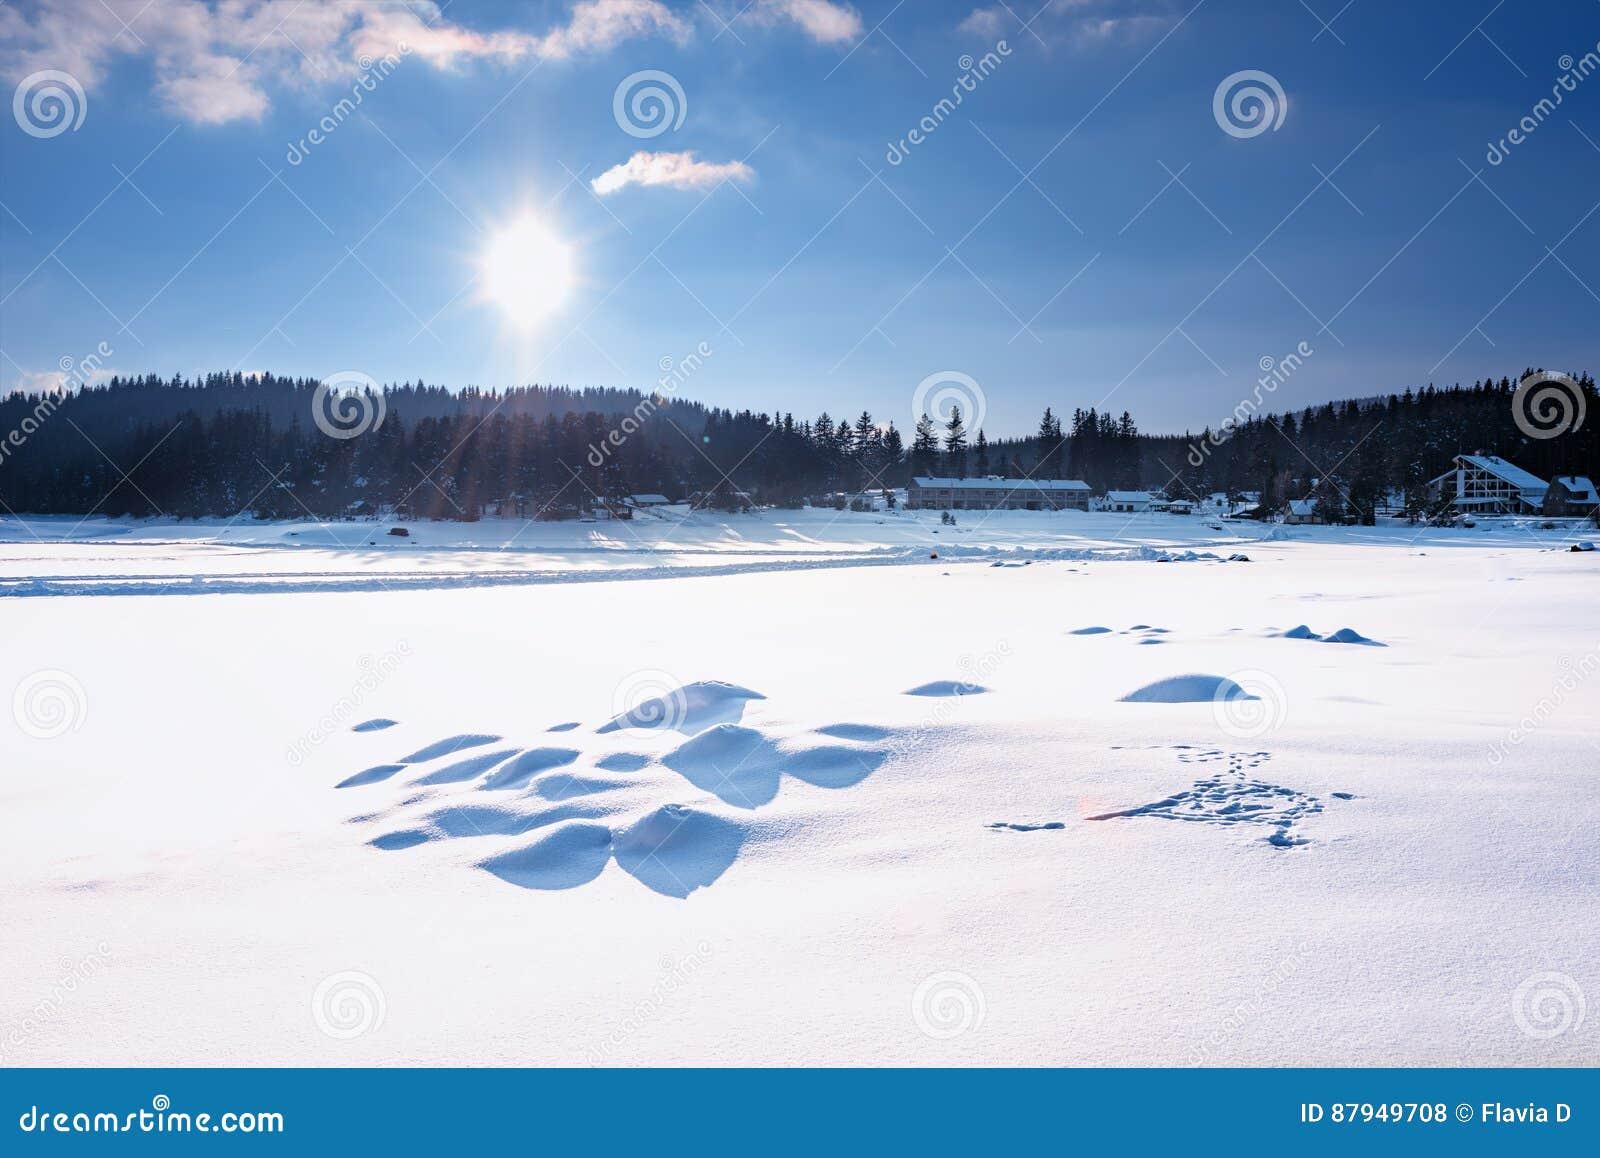 καλυμμένα όρη σπιτιών ελβετικά χειμερινά δάση χιονιού σκηνής μικρά Φράγμα Polyana Shiroka σε μια ηλιόλουστη χειμερινή ημέρα Χιονώ